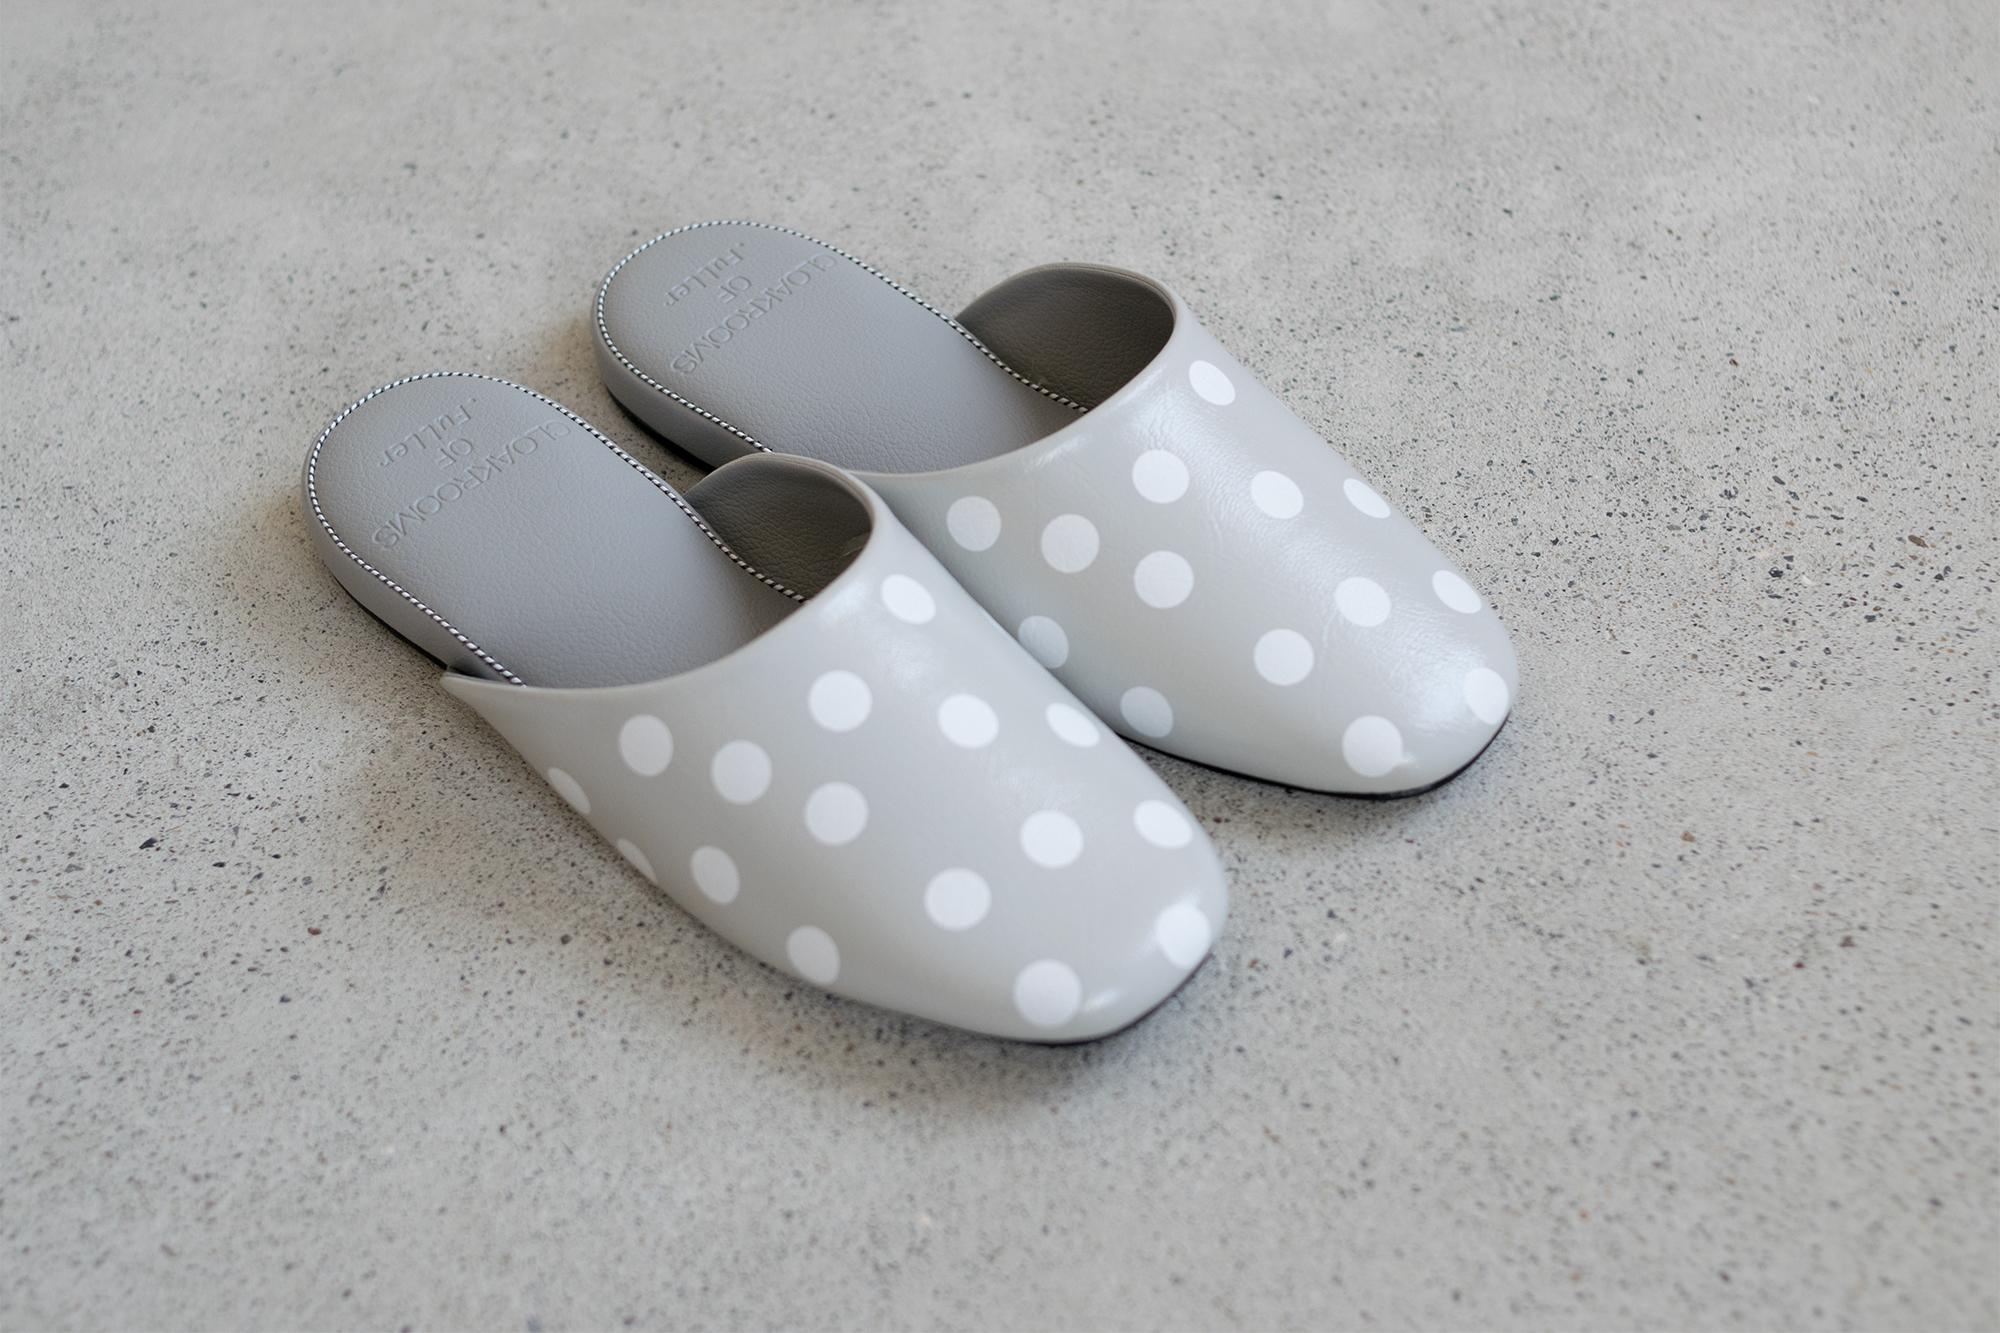 PANTOUFLE パントゥフル dots ドット スリッパ slipper